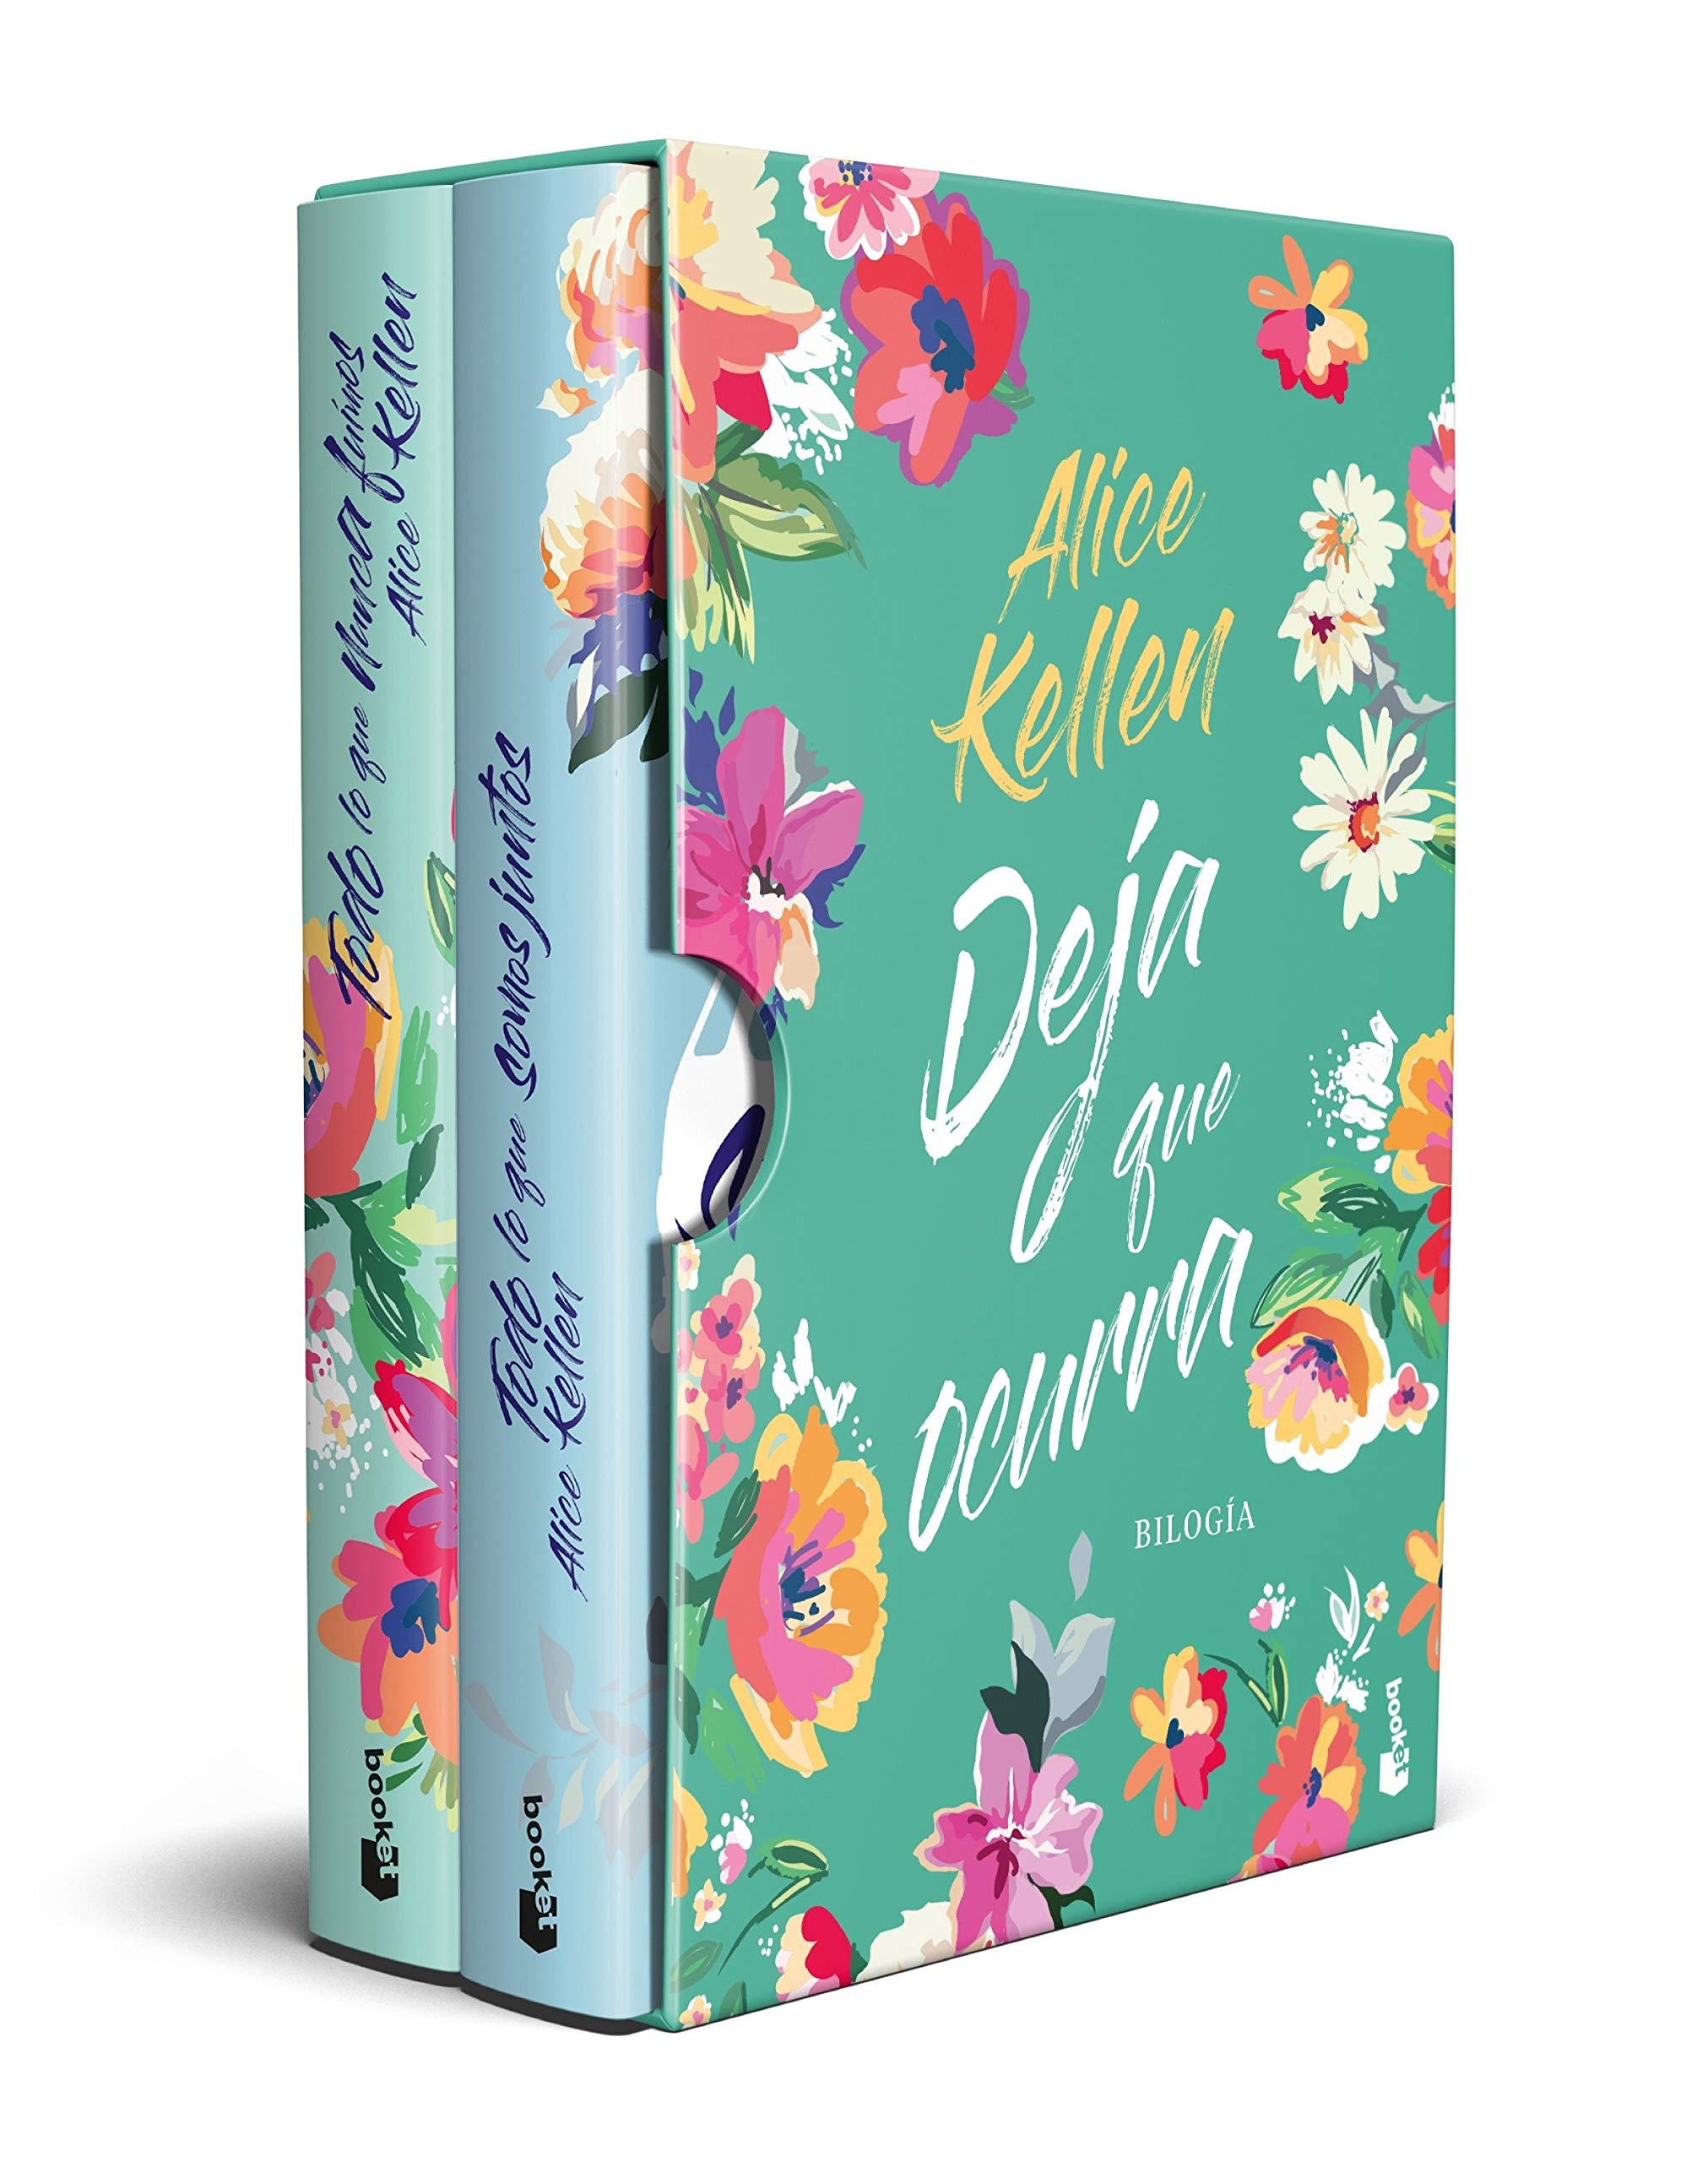 ESTUCHE DEJA QUE OCURRA (ALICE KELLEN) (NF Novela): Amazon.es: Kellen, Alice: Libros